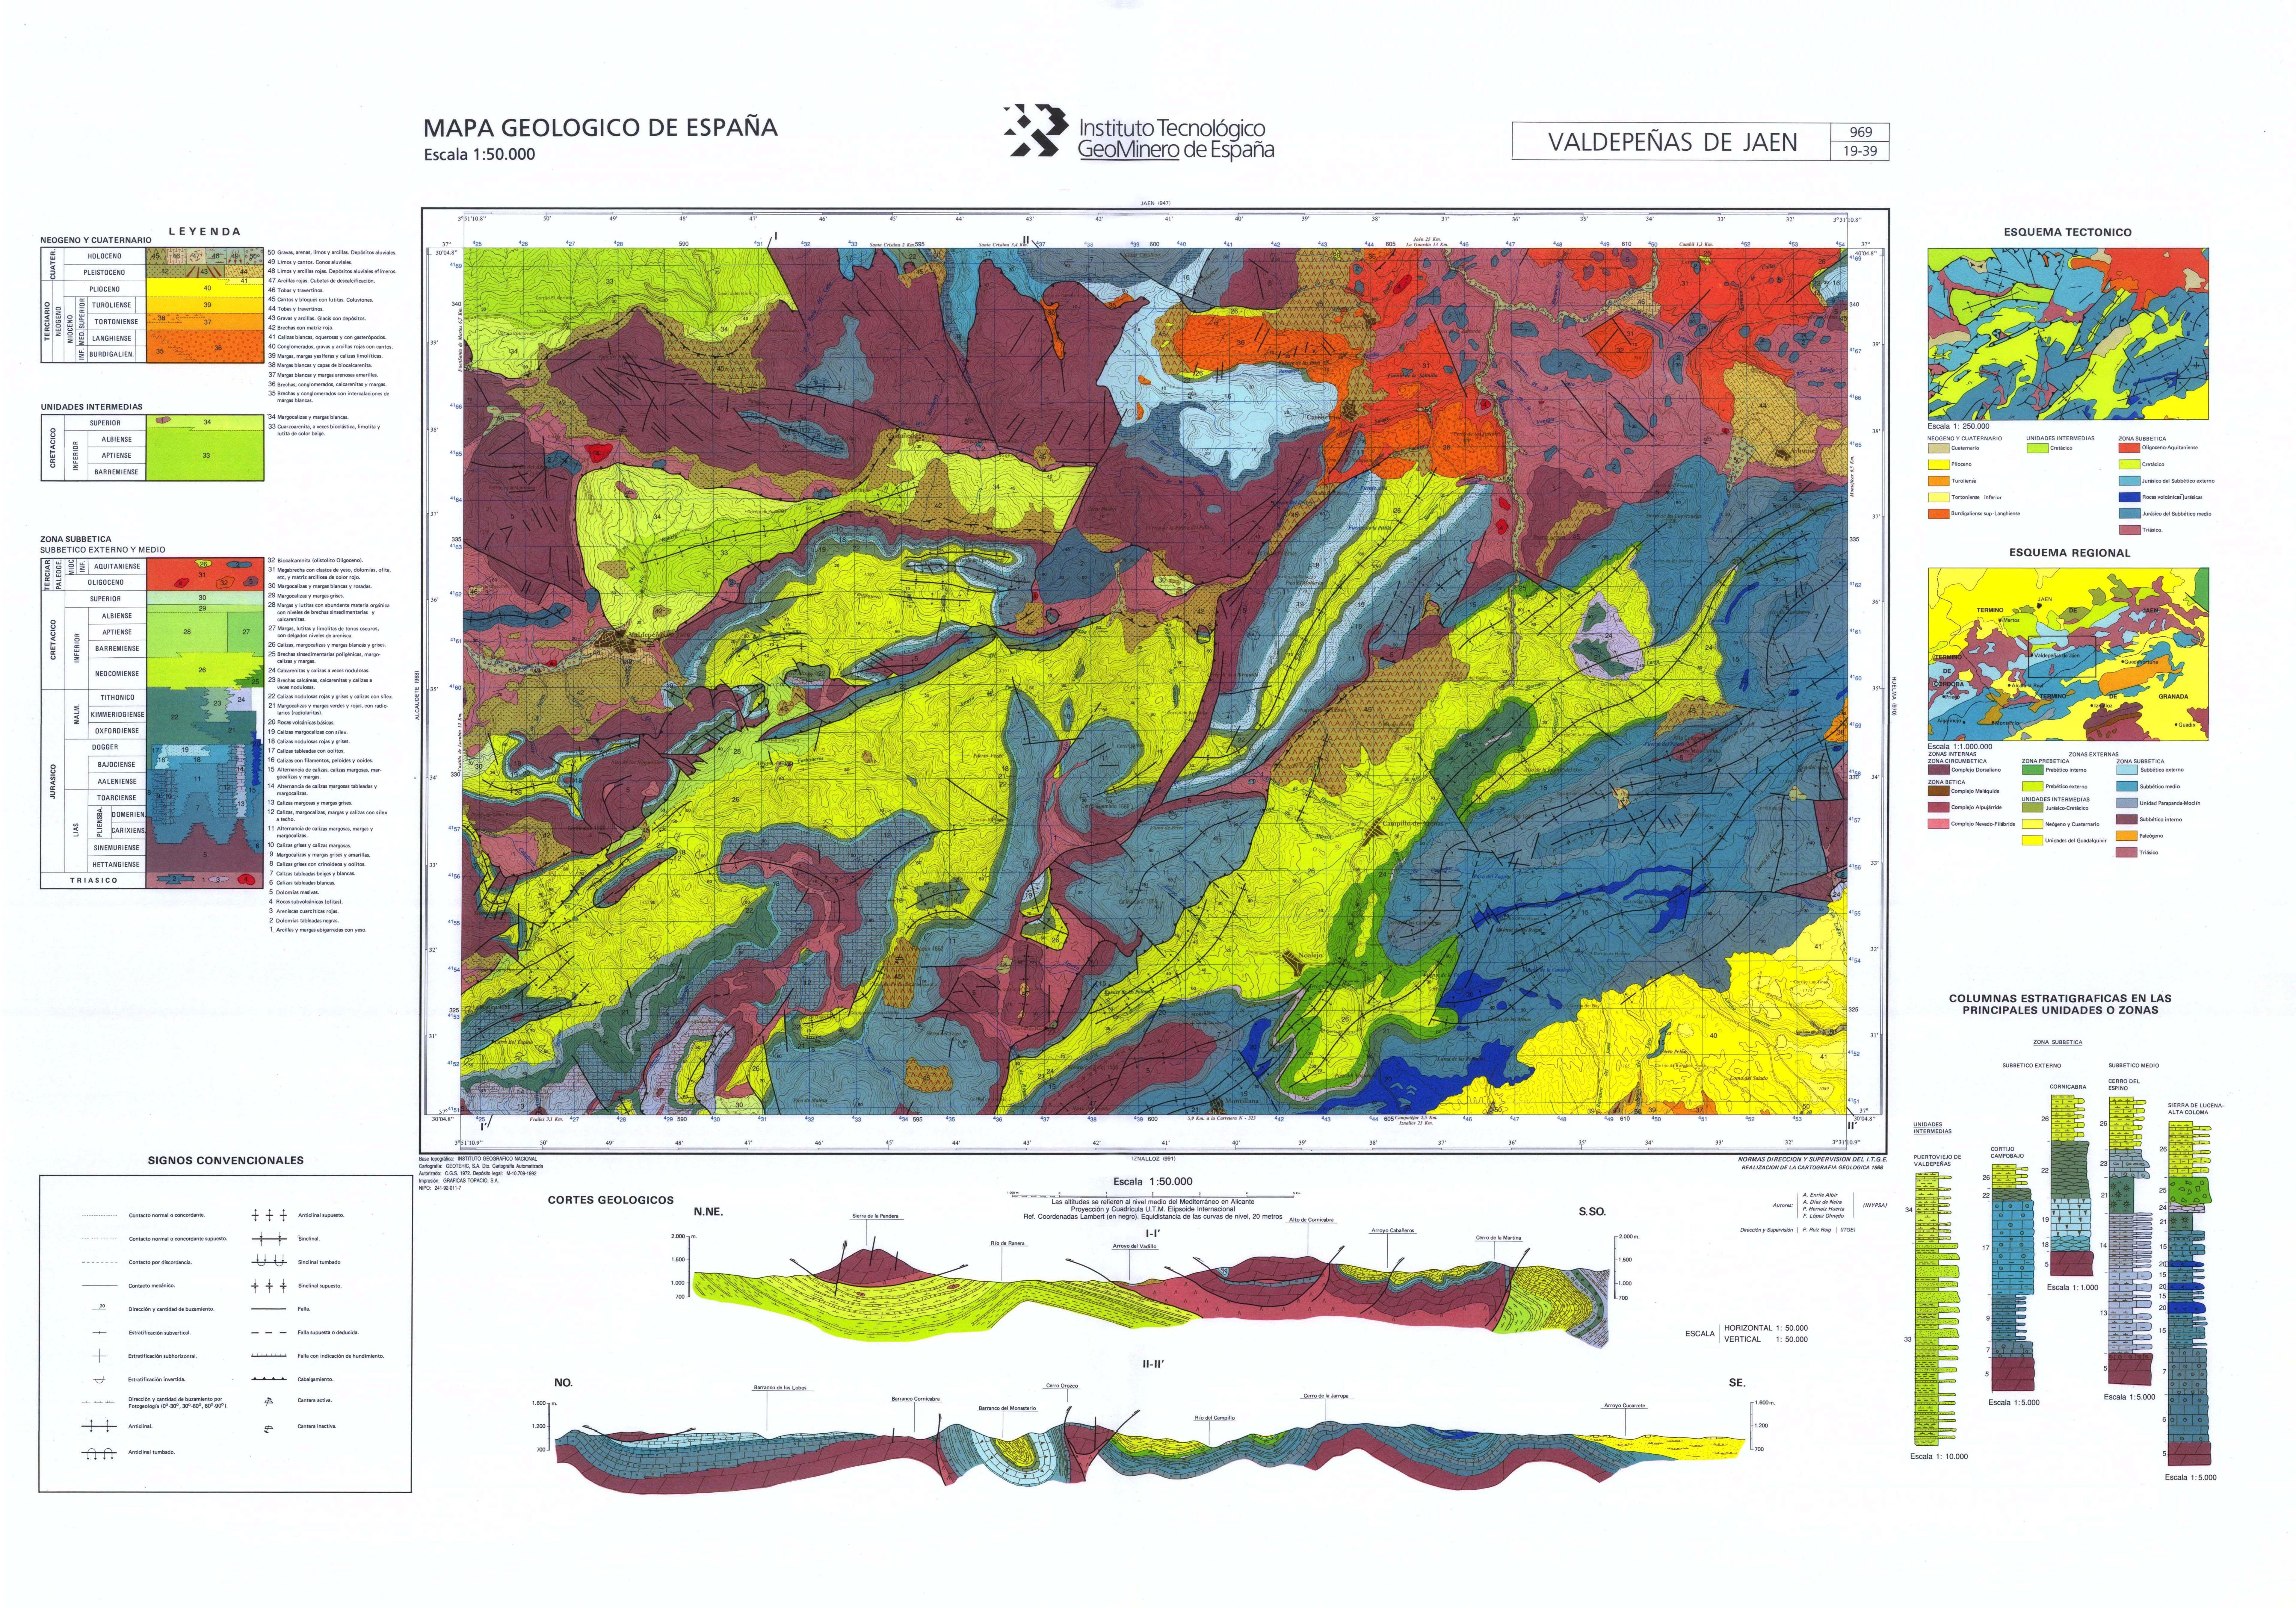 Mapasigme portal de cartograf a del igme magna 50 - Plano de valdepenas ...